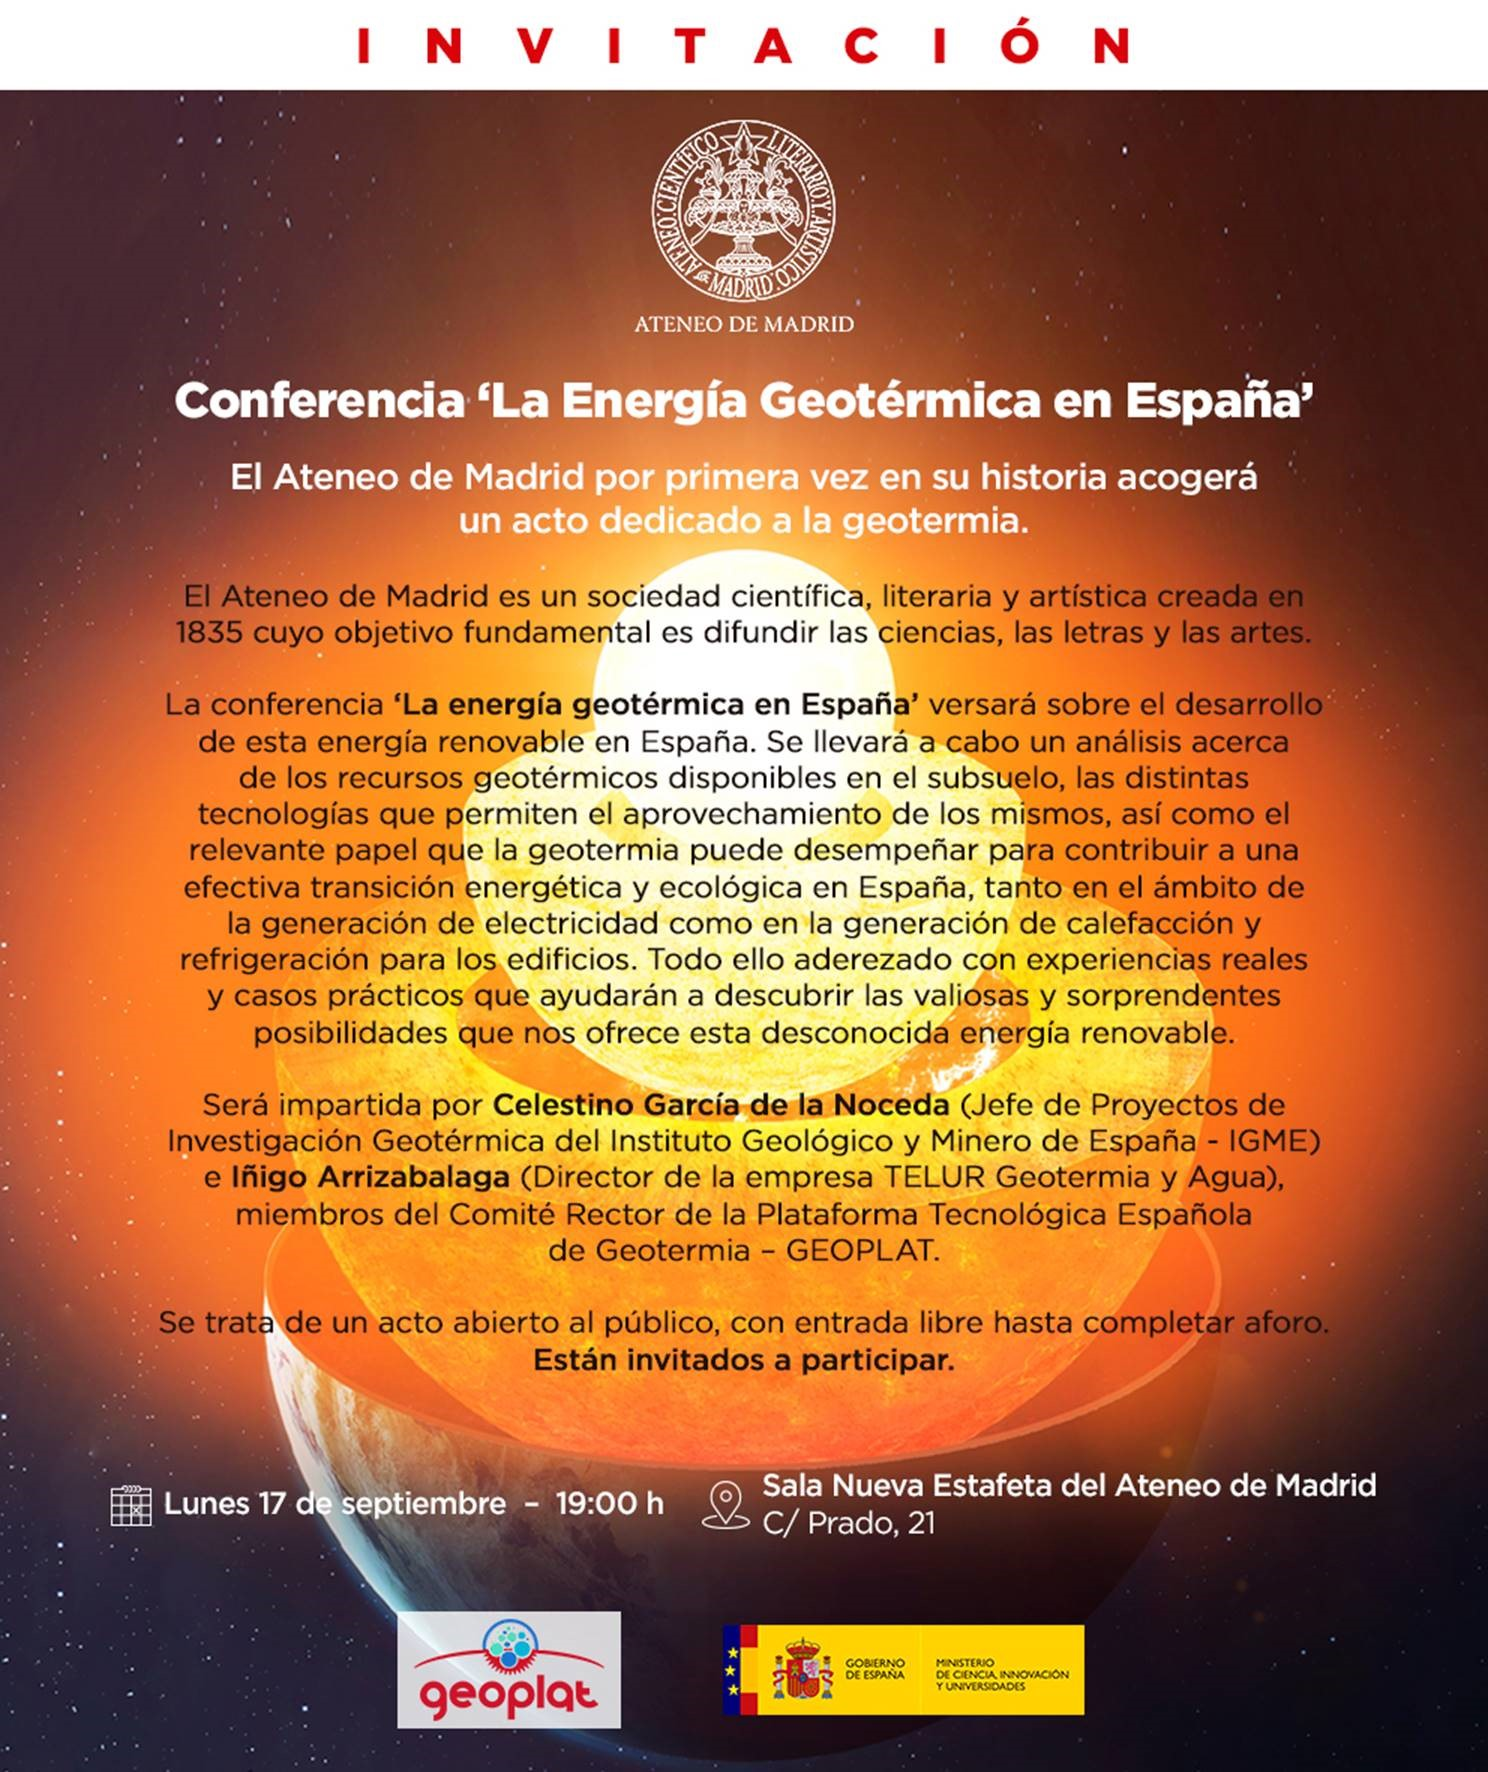 Conferencia en el Ateneo de Madrid: 'La Energía Geotérmica en España' (17 septiembre 2018, 19h)